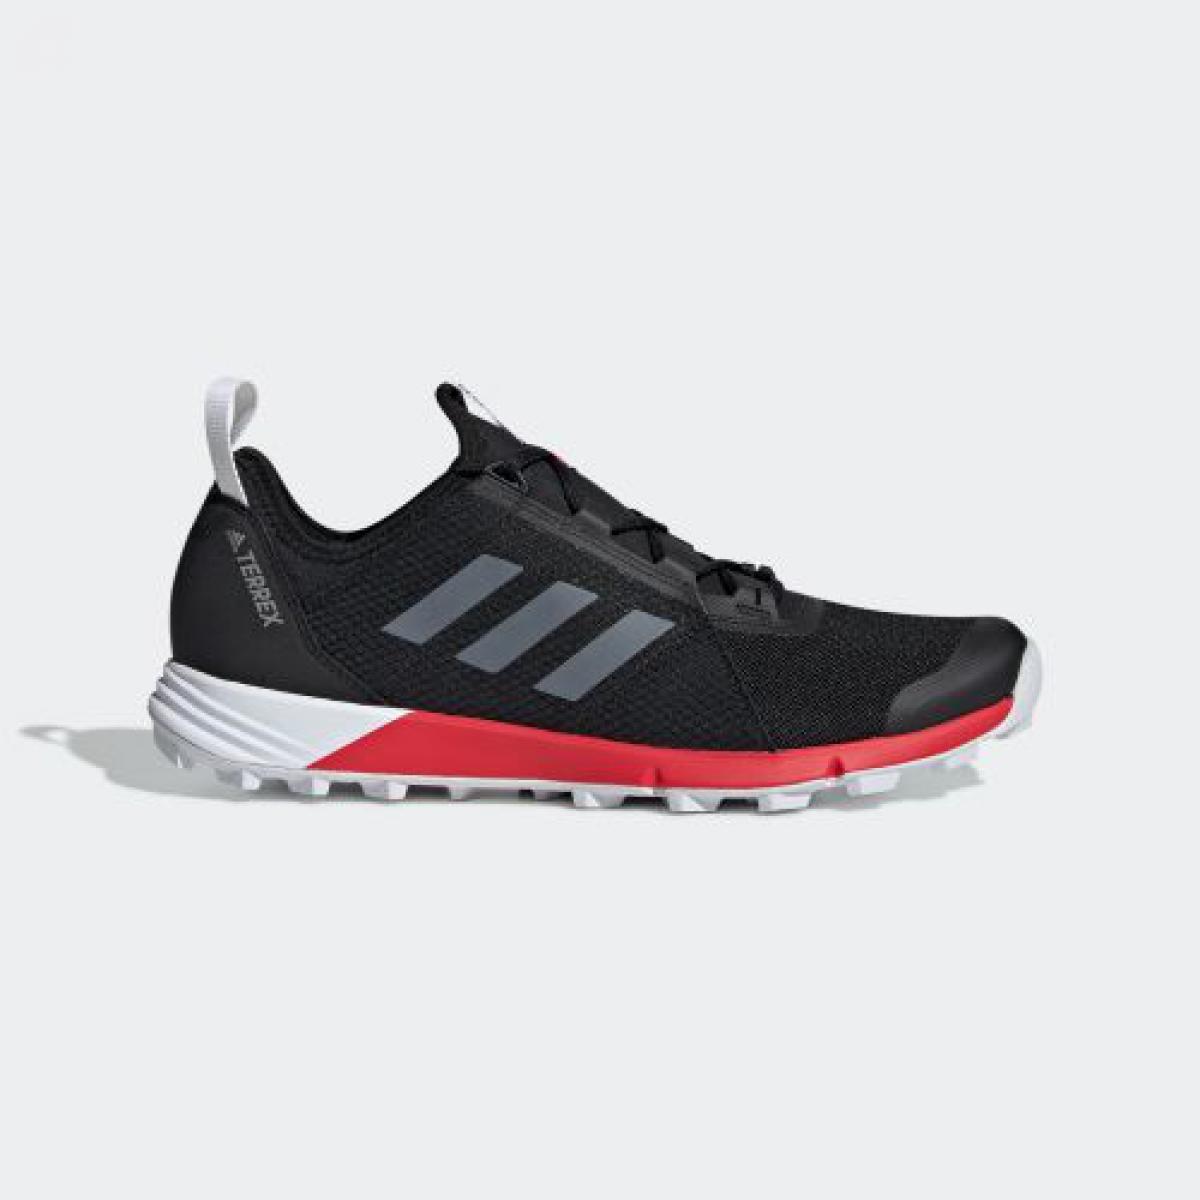 【公式】アディダス adidas テレックス スピード / TERREX SPEED メンズ アディダス テレックス アウトドア シューズ スポーツシューズ G26388